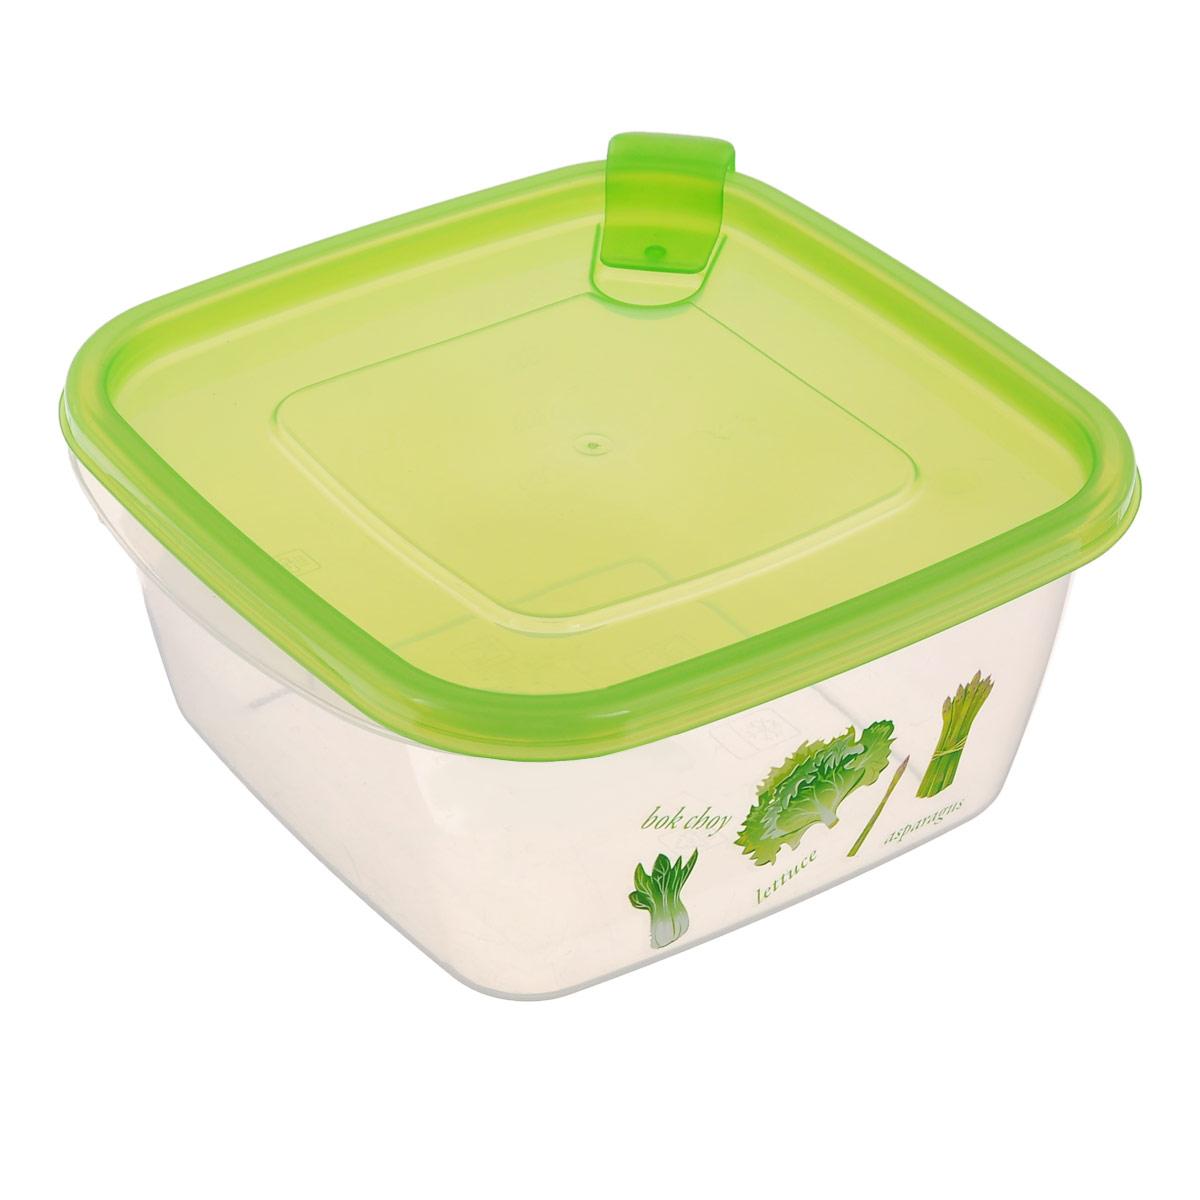 Контейнер Phibo, с клапаном, цвет: зеленый, прозрачный, 1 л. С11703С11703Контейнер Phibo изготовлен из высококачественного полипропилена и не содержит Бисфенол А. Изделие оформлено ярким рисунком. Крышка легко и плотно закрывается, снабжена клапаном. Контейнер устойчив к воздействию масел и жиров, легко моется. Подходит для использования в микроволновых печах при температуре до +100°С, выдерживает хранение в морозильной камере при температуре -24°С. Можно мыть в посудомоечной машине при температуре до +95°С.